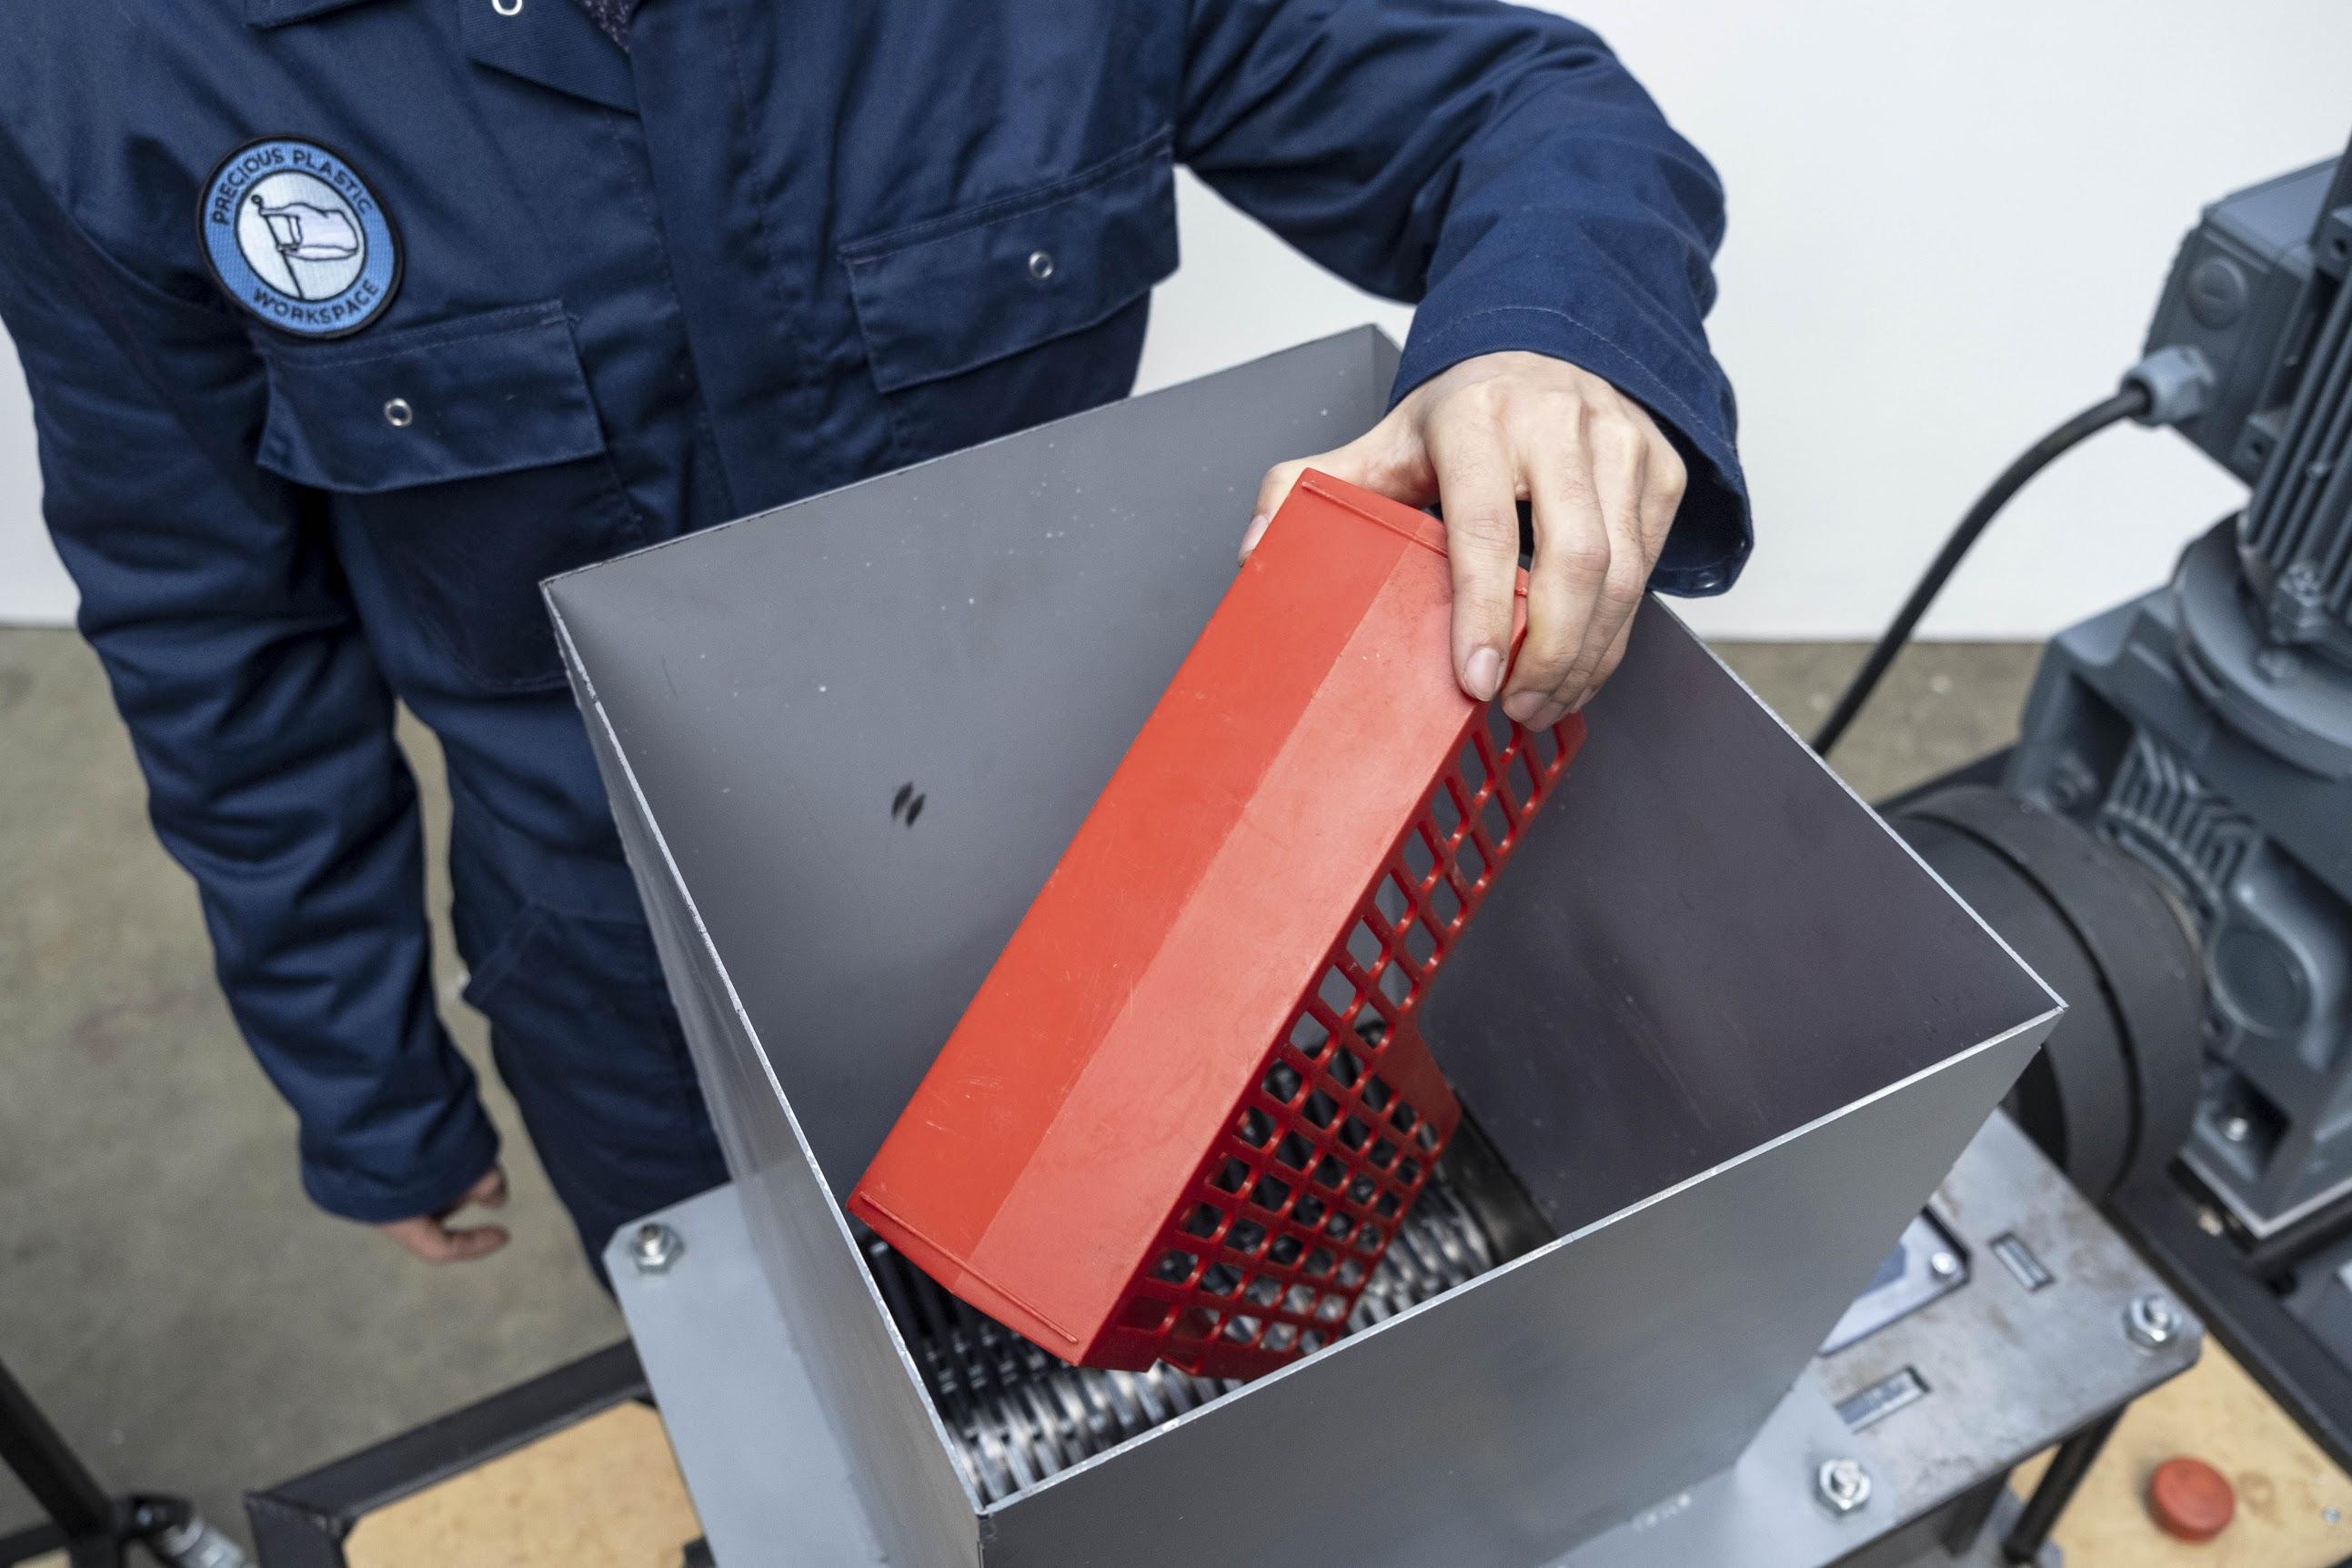 A person shredding plastic